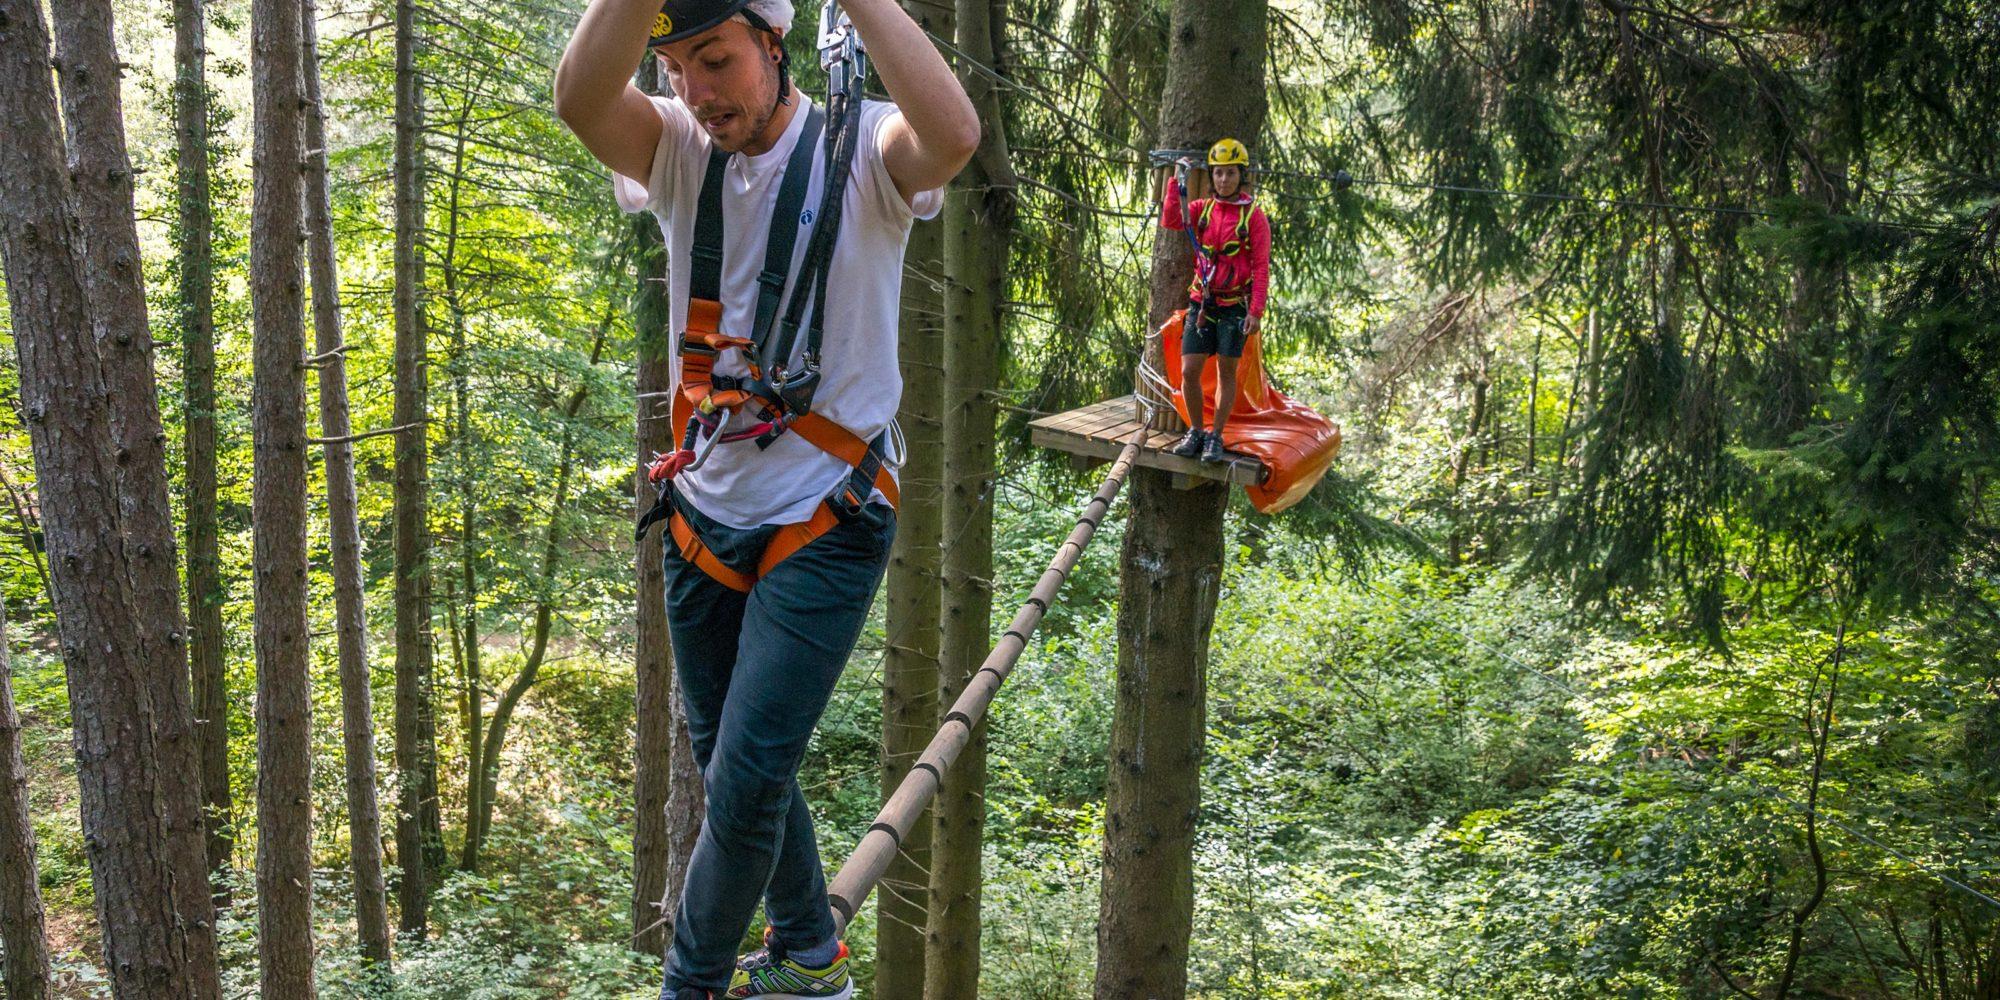 Emozionanti percorsi avventura al Jungle Raider Park di Civenna